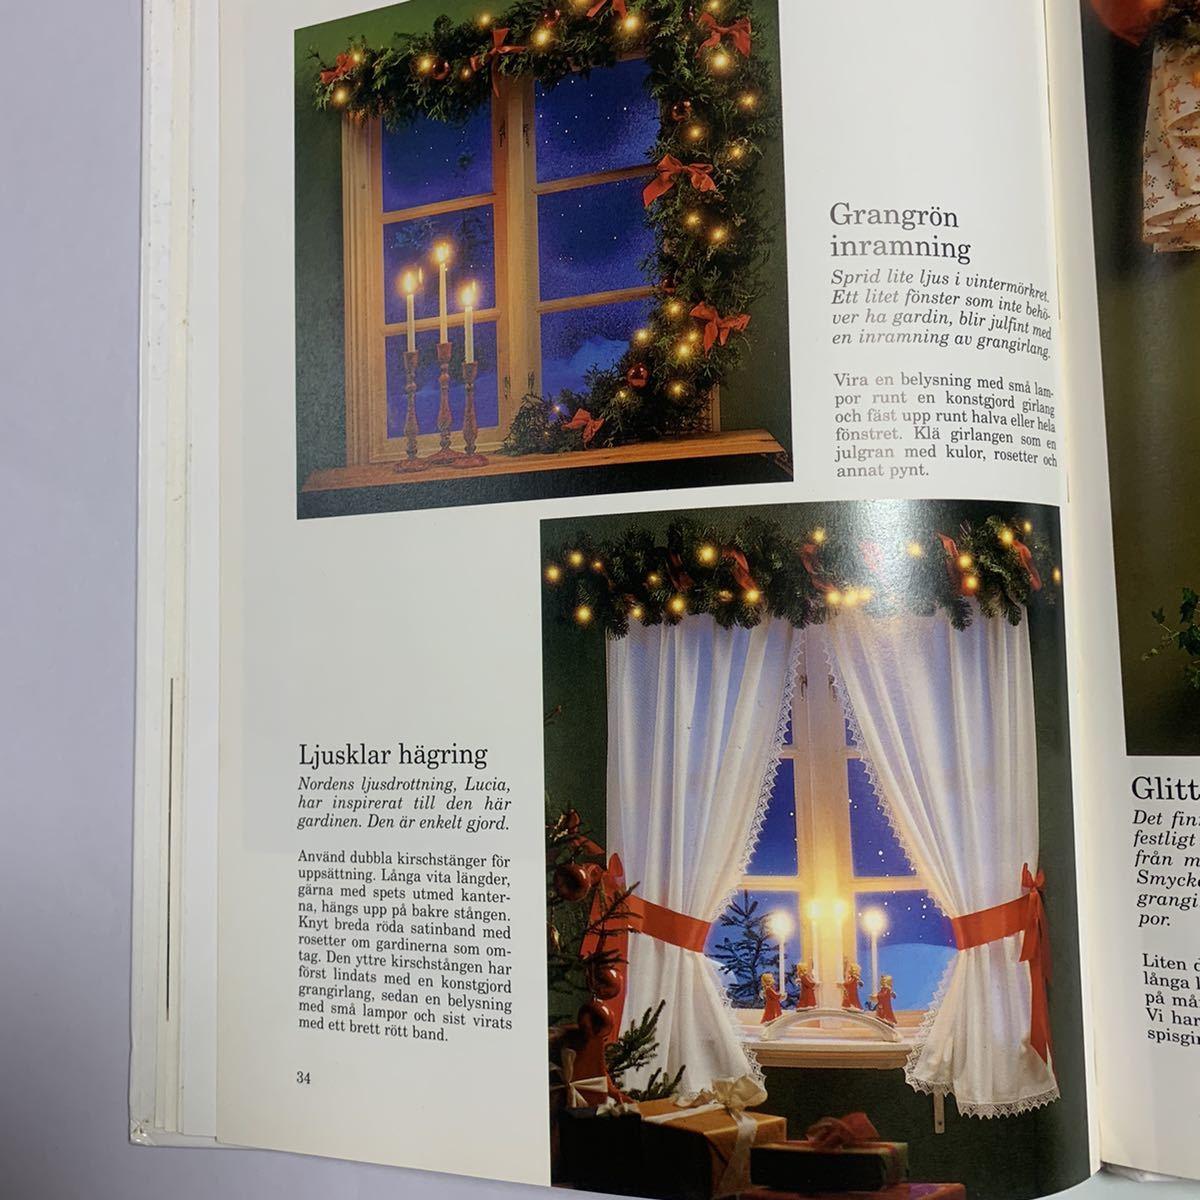 値下げ!洋書 中古本「50の素敵な窓 北欧風窓辺の飾り方」